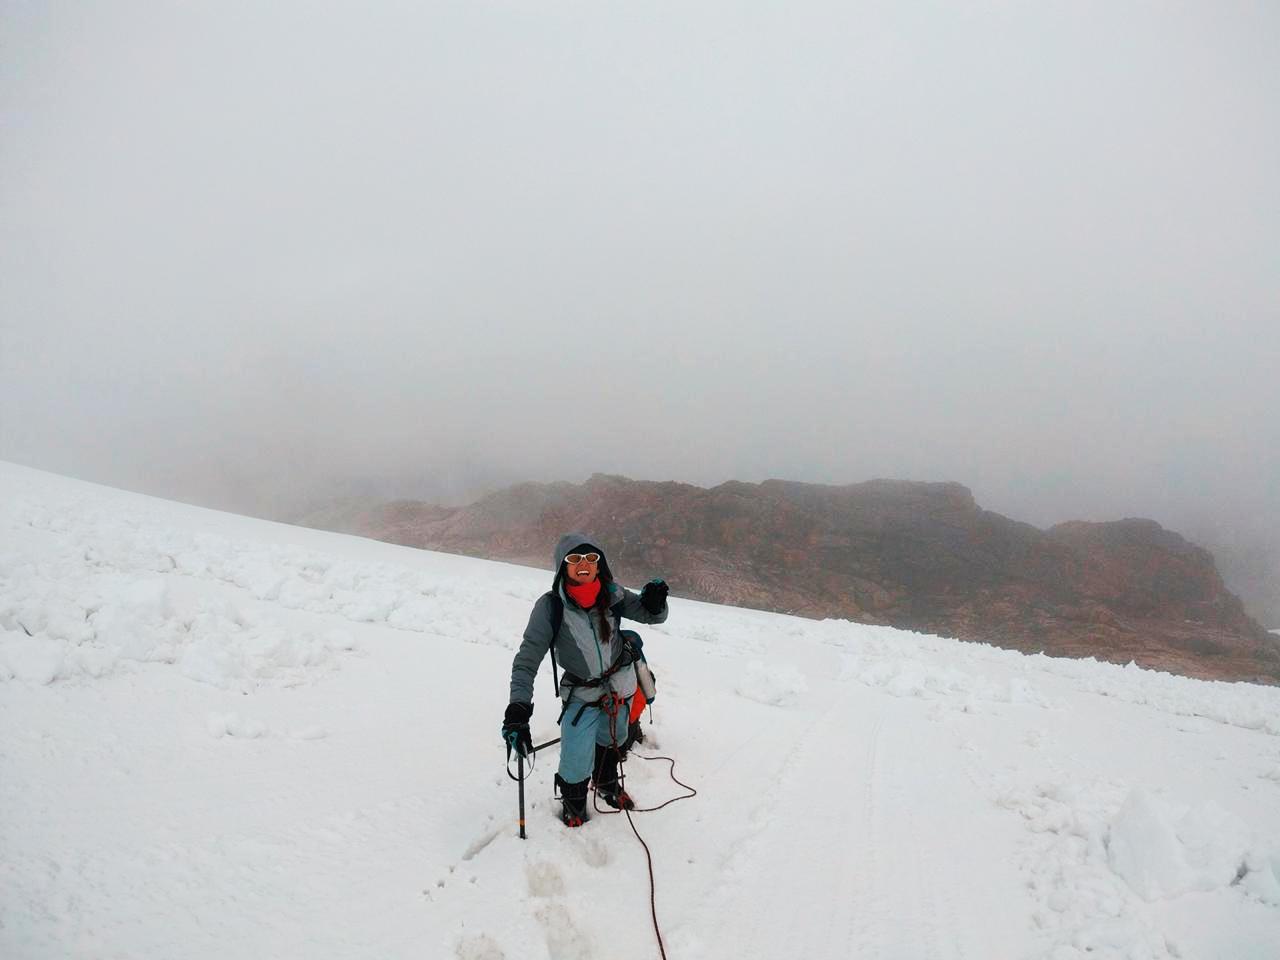 """""""El lugar estaba cargado de nieve. No era difícil darse cuenta de que estábamos en una zona peligrosa""""."""